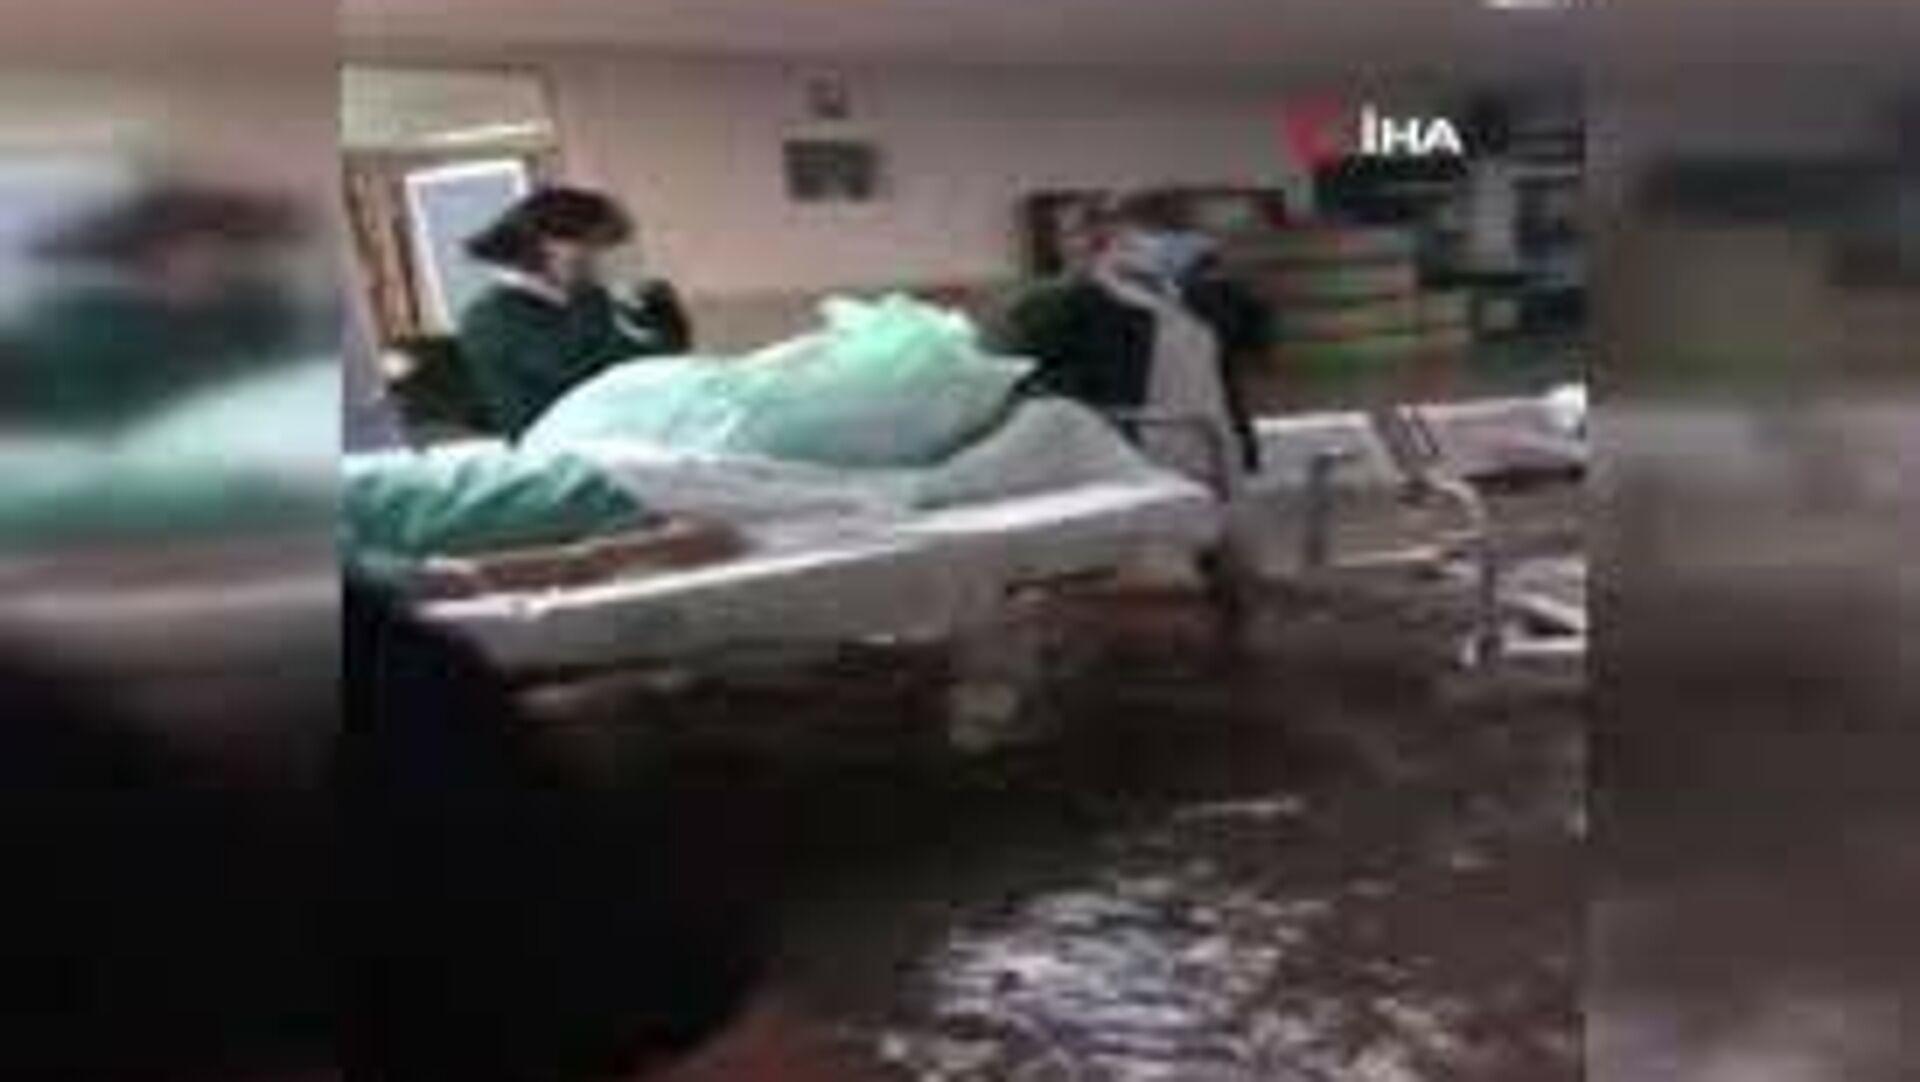 Meksika'nın Hidalgo eyaletinde şiddetli yağış sonucu Tula Nehri'nin taşması ile sel meydana geldi. Sel felaketinde su basan ve elektrikleri kesilen hastanede 10 hasta hayatını kaybetti. - Sputnik Türkiye, 1920, 08.09.2021